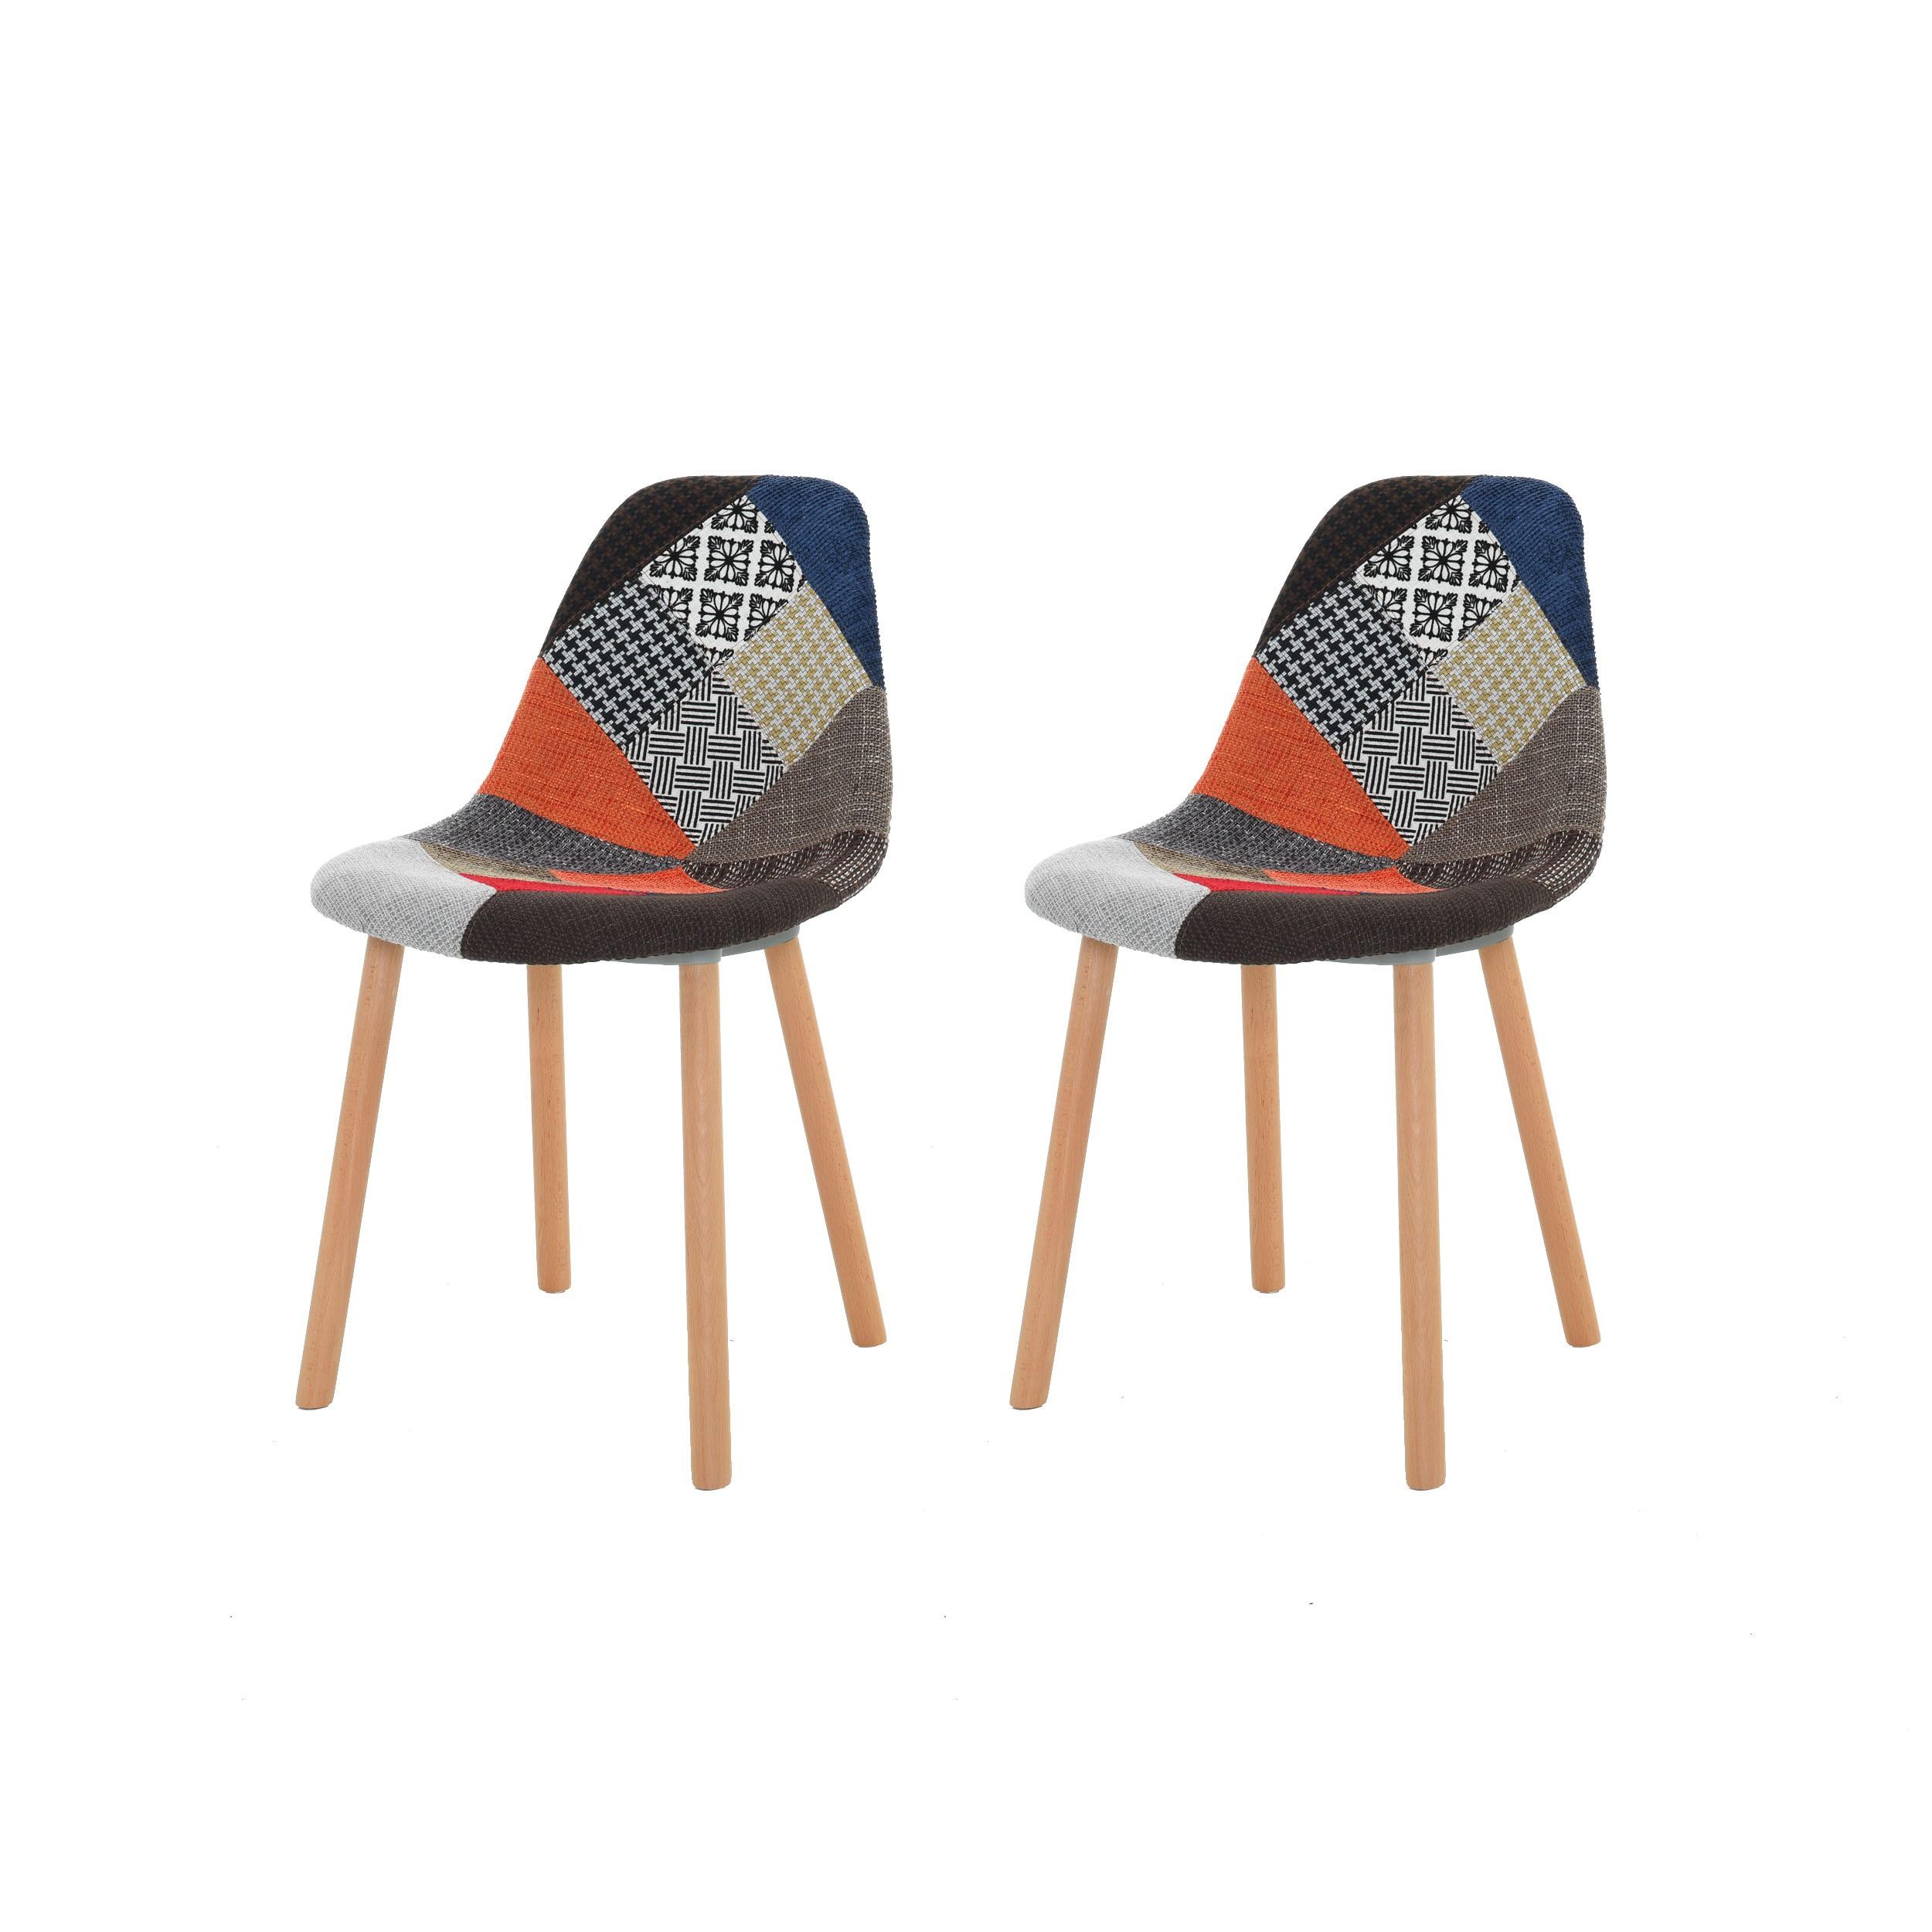 chaise arctik patchwork lot de 2 commandez nos chaises arctik patchwork design rdv d co. Black Bedroom Furniture Sets. Home Design Ideas